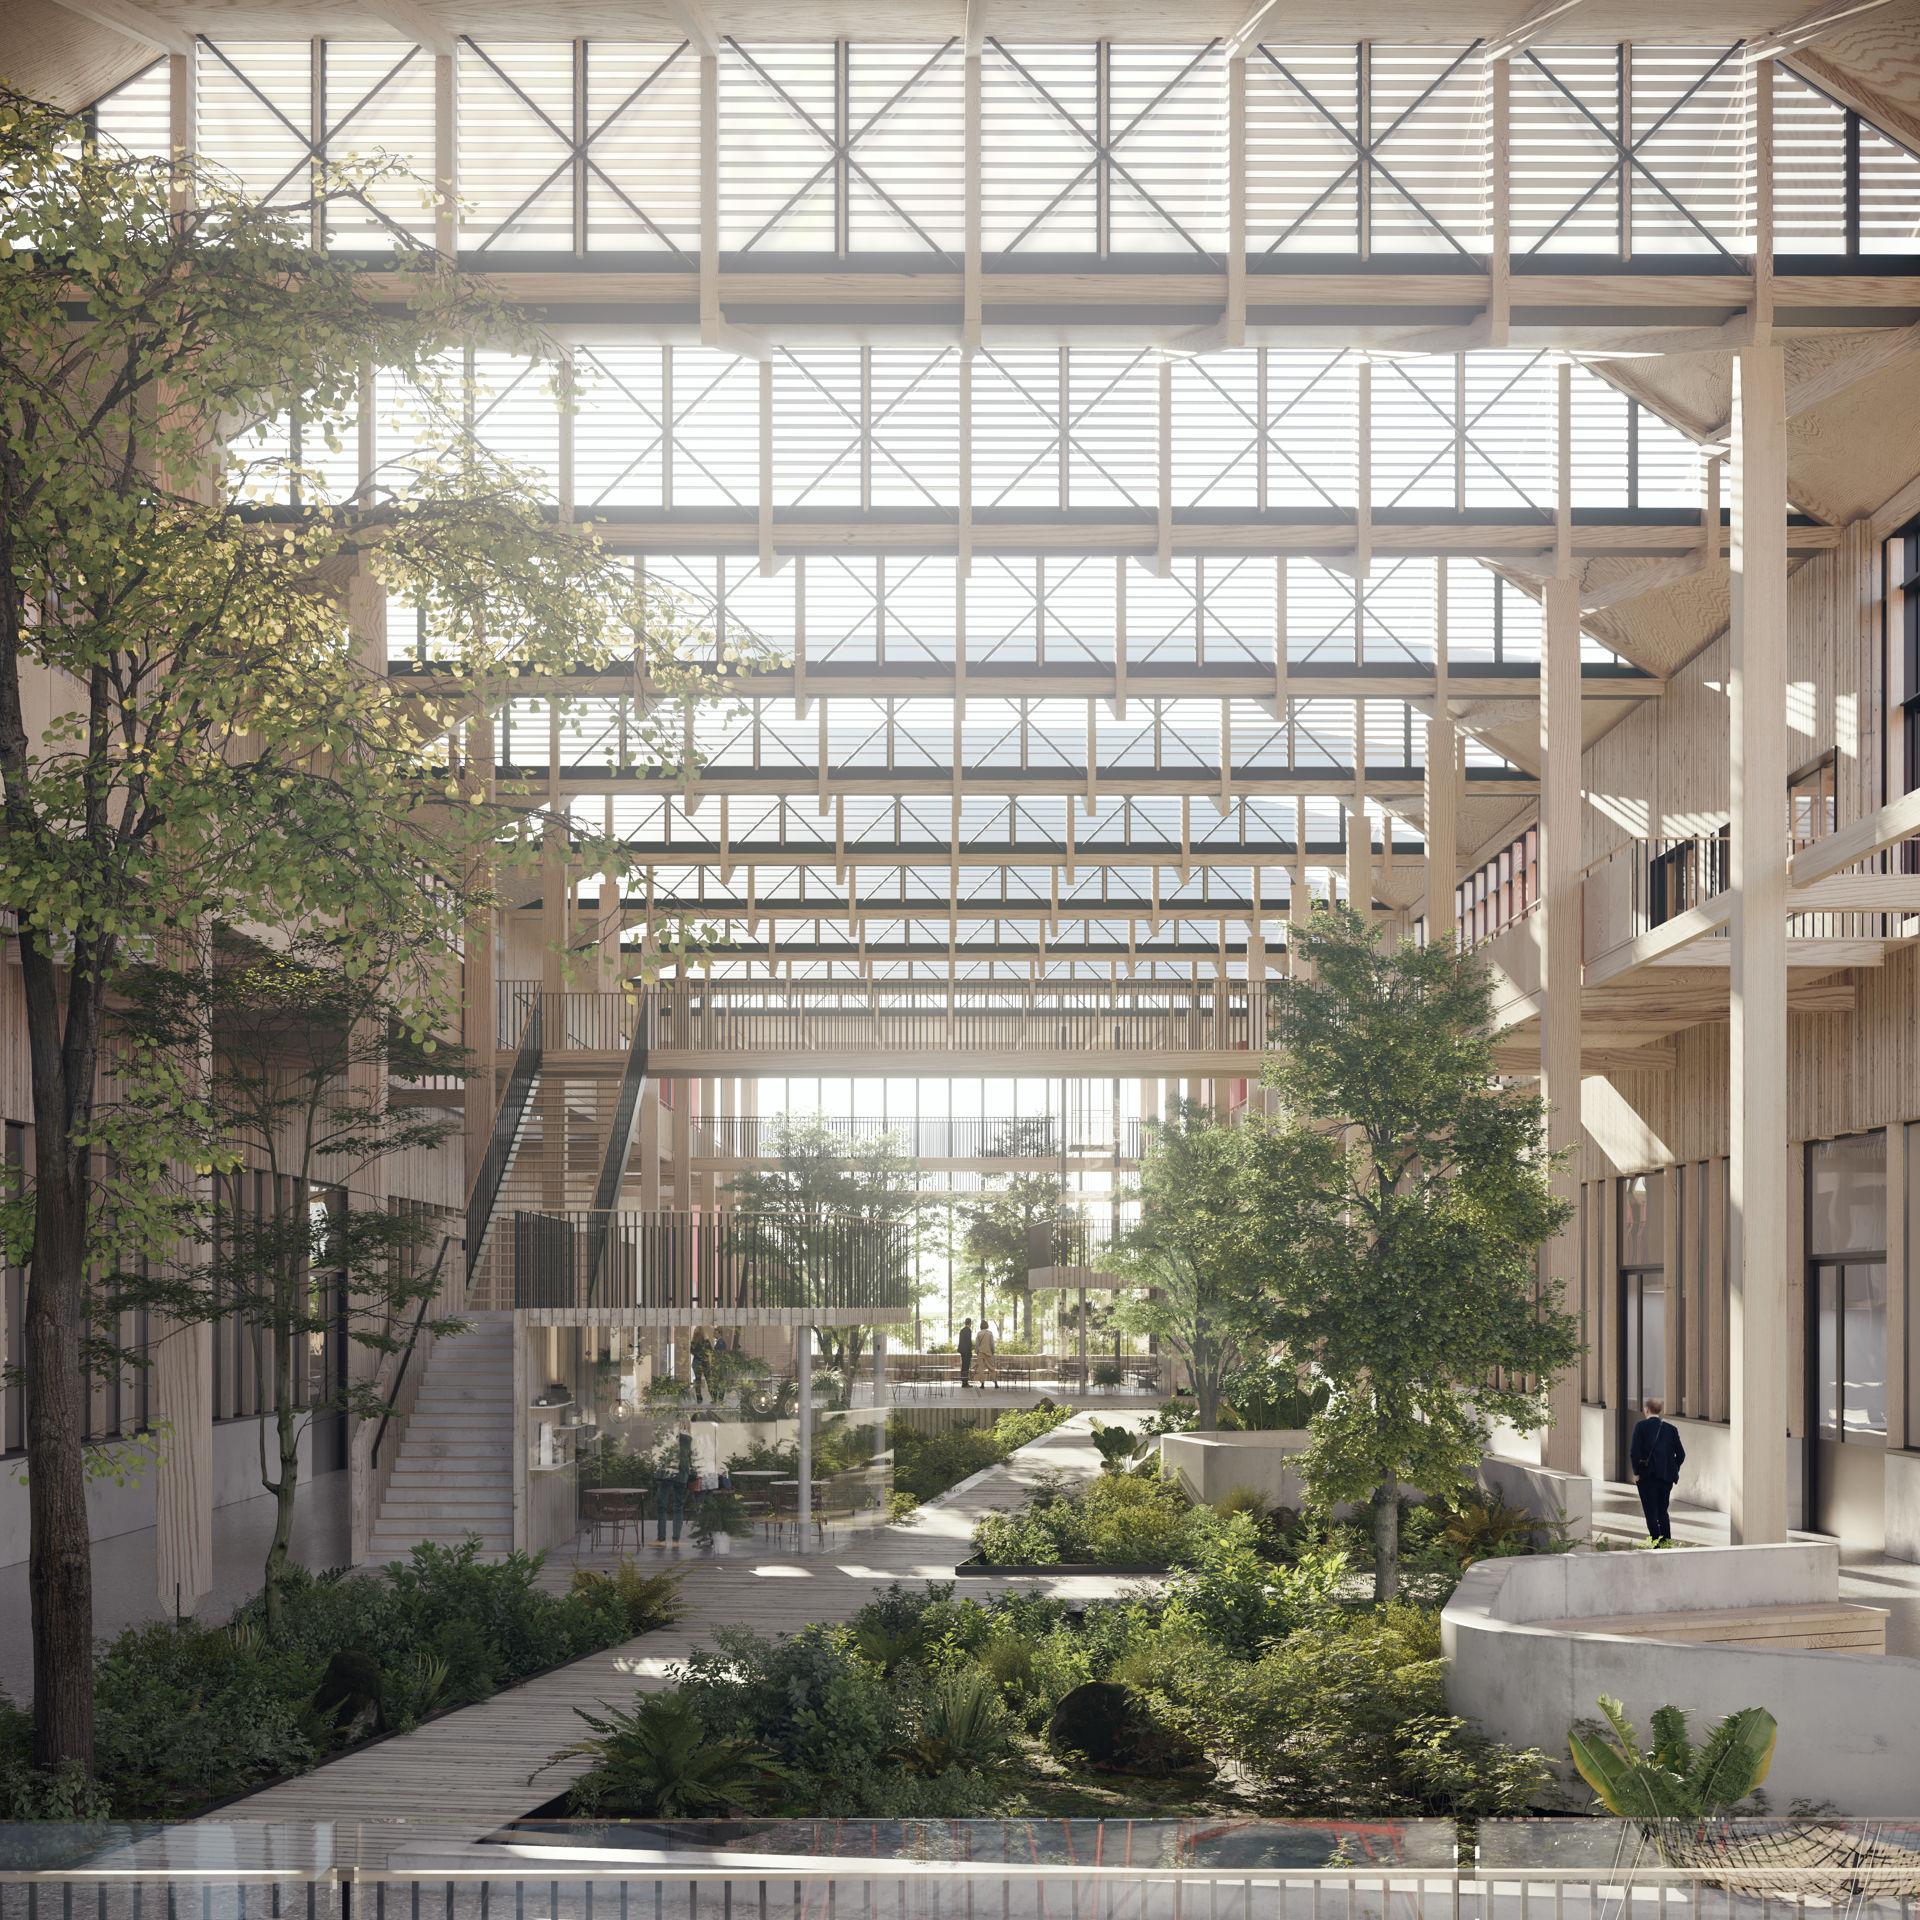 VERSAILLES – Concours CREM – Campus d'Innovation MINES ParisTech 17 000 m2 en structure bois – Passivhaus